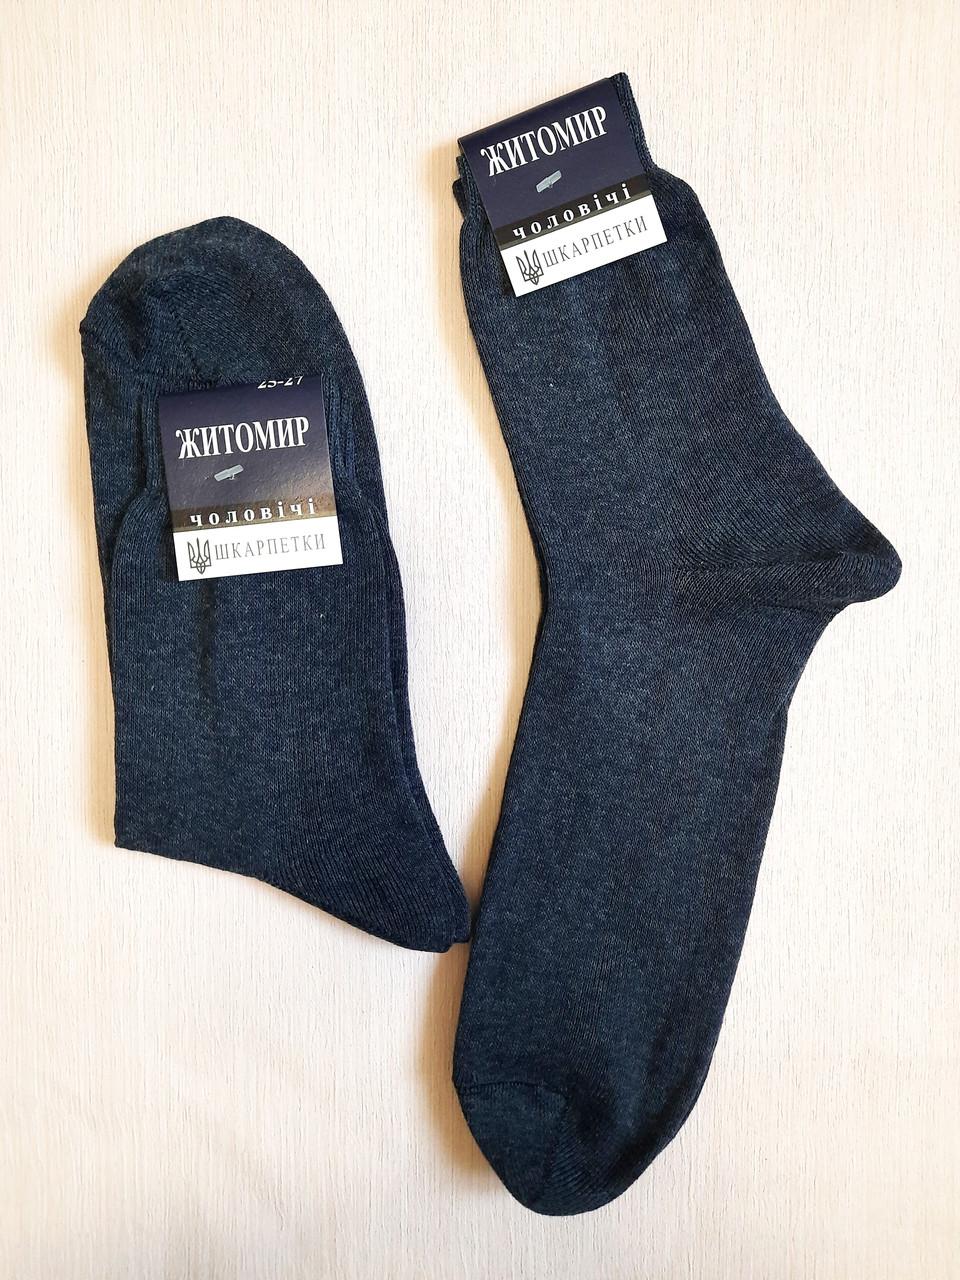 Носки мужские хлопок размер 42-44.От 10 пар по 6грн.